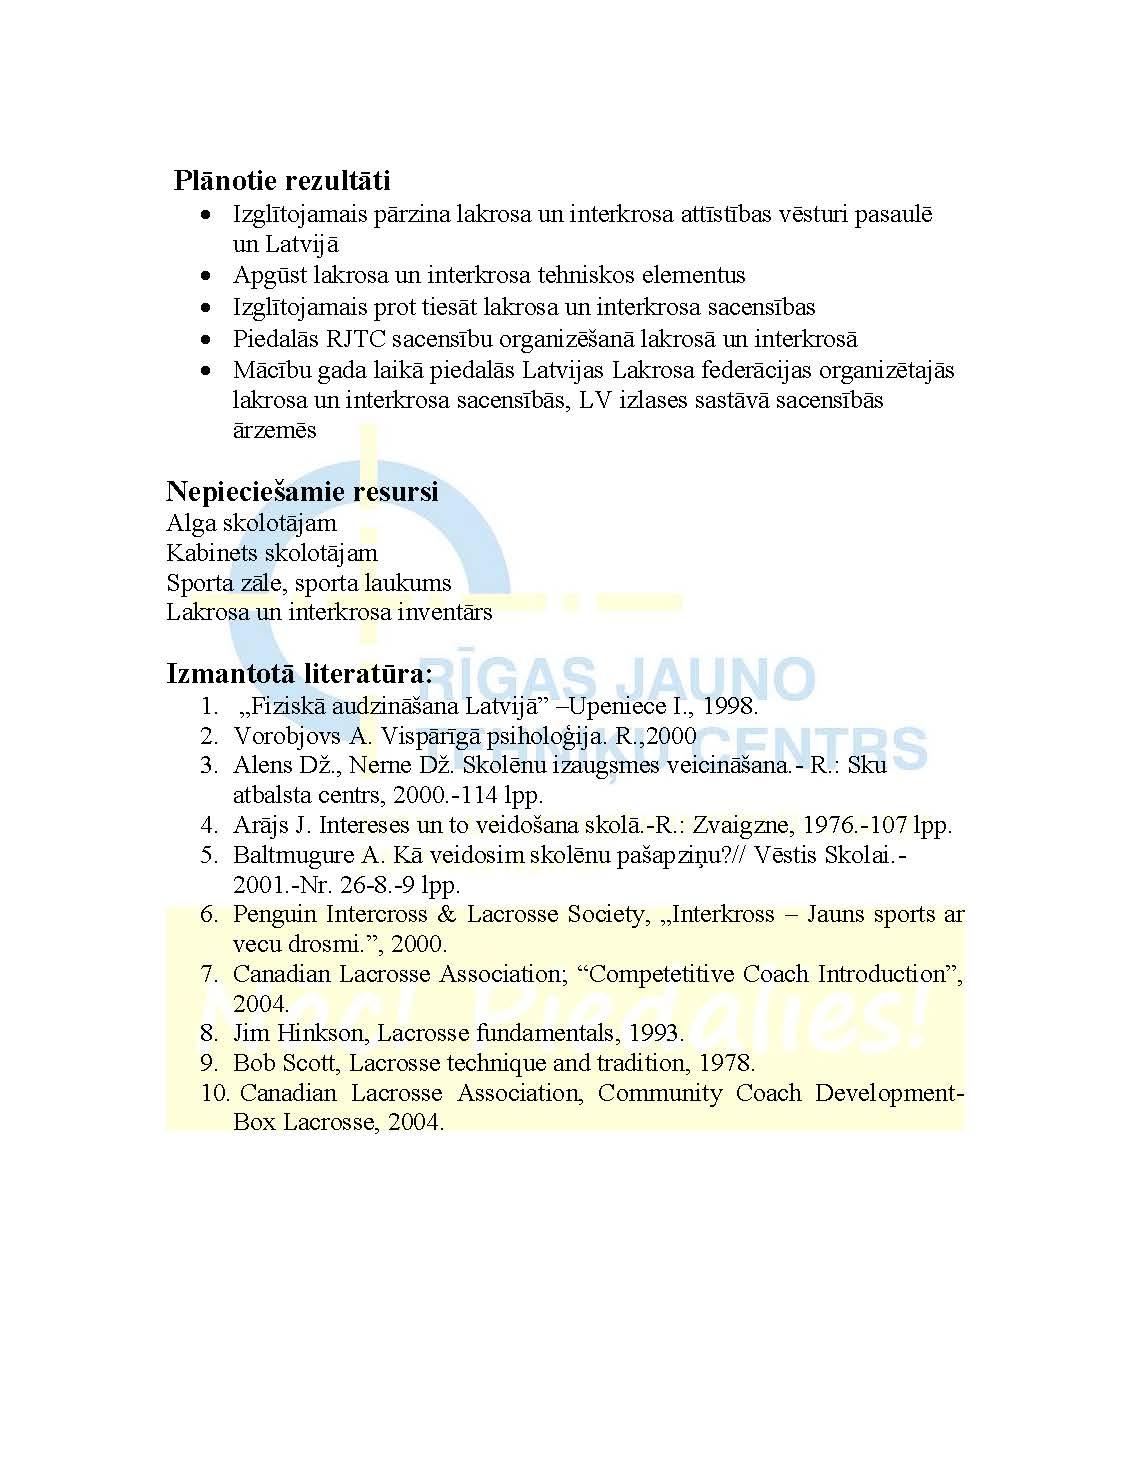 lakross-interkross-programma_page_10